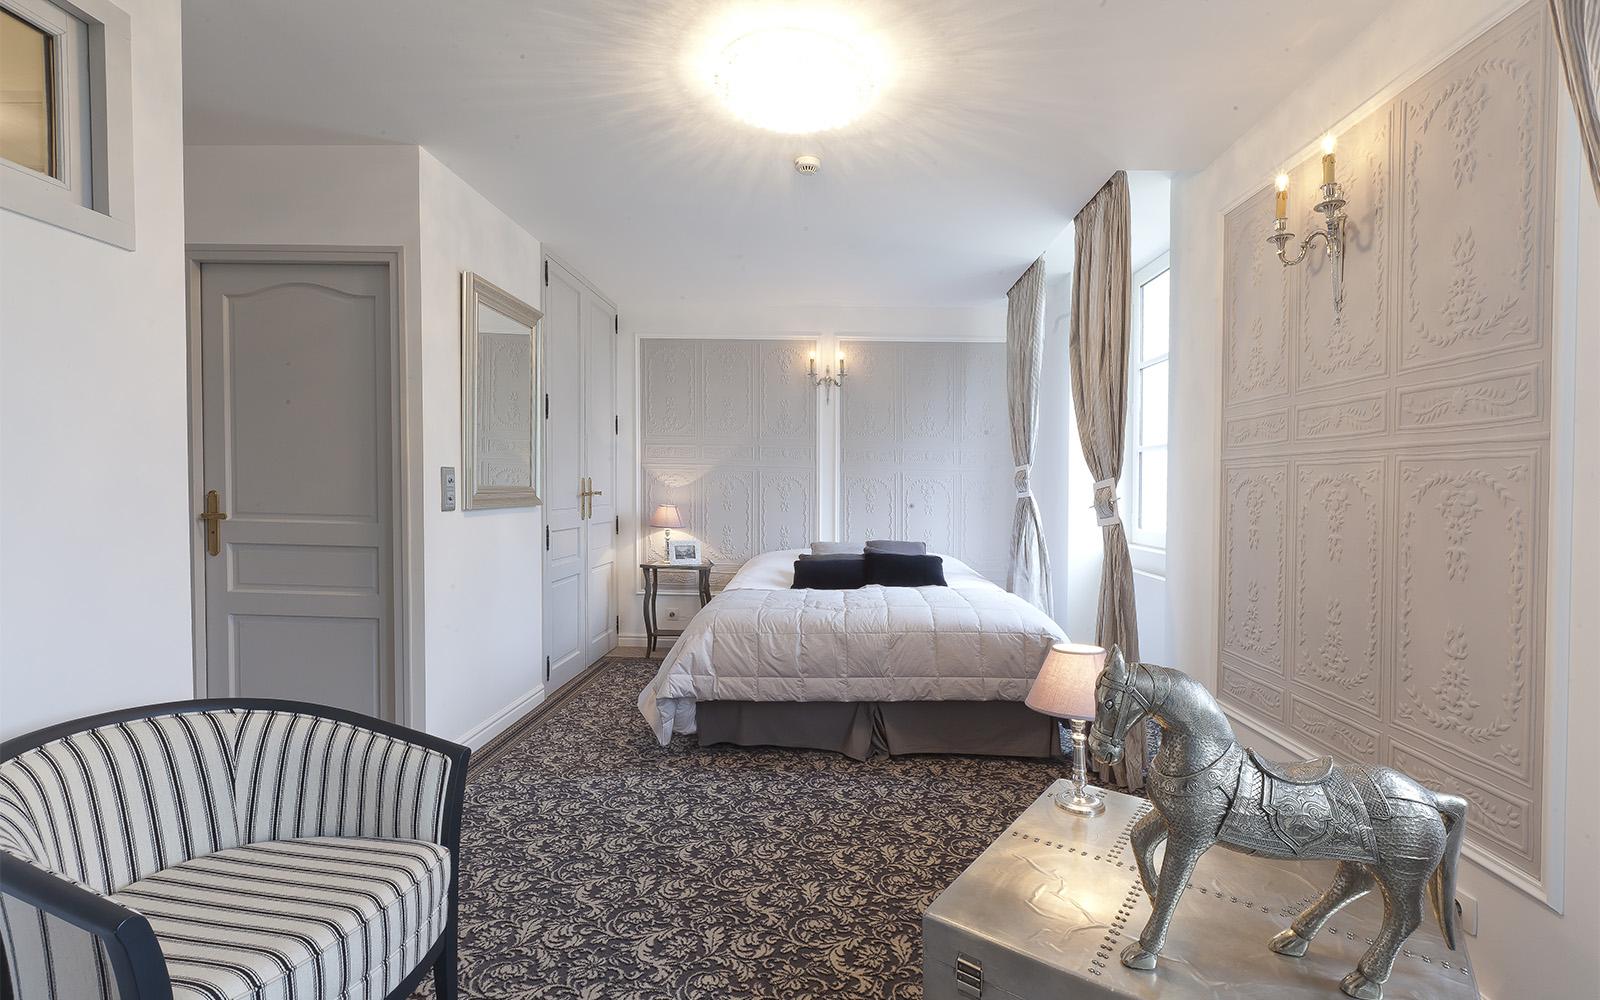 Helles un luxuriöses Hotelzimmer mit gemustertem Teppich in beige und weiß Tönen